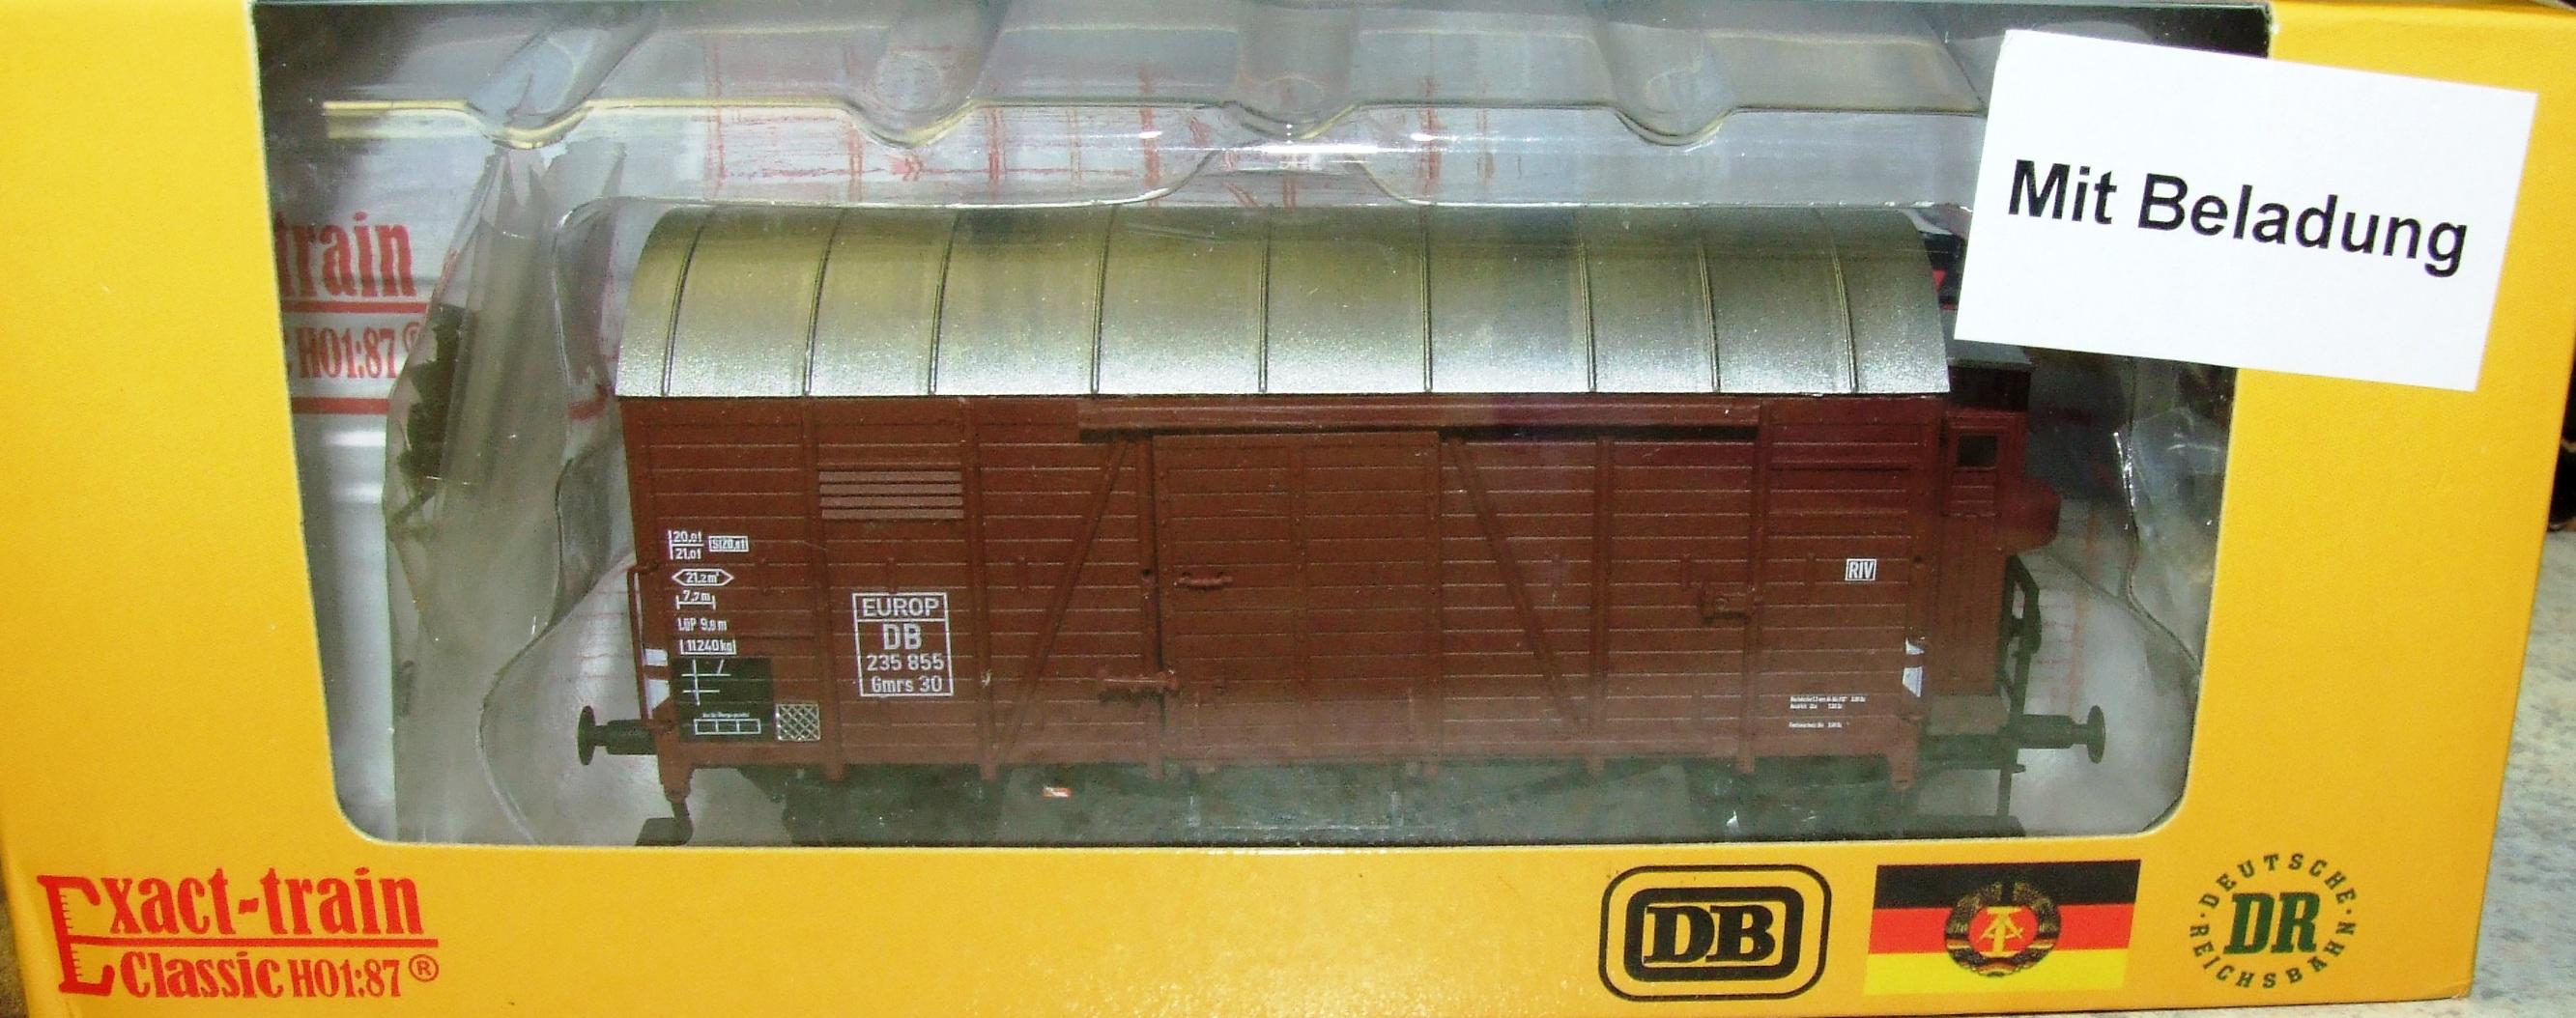 Exact-train EX20278 DB Oppeln EUROP mit Beladung (Bremserhaus/Gleitlager) Epoche 3